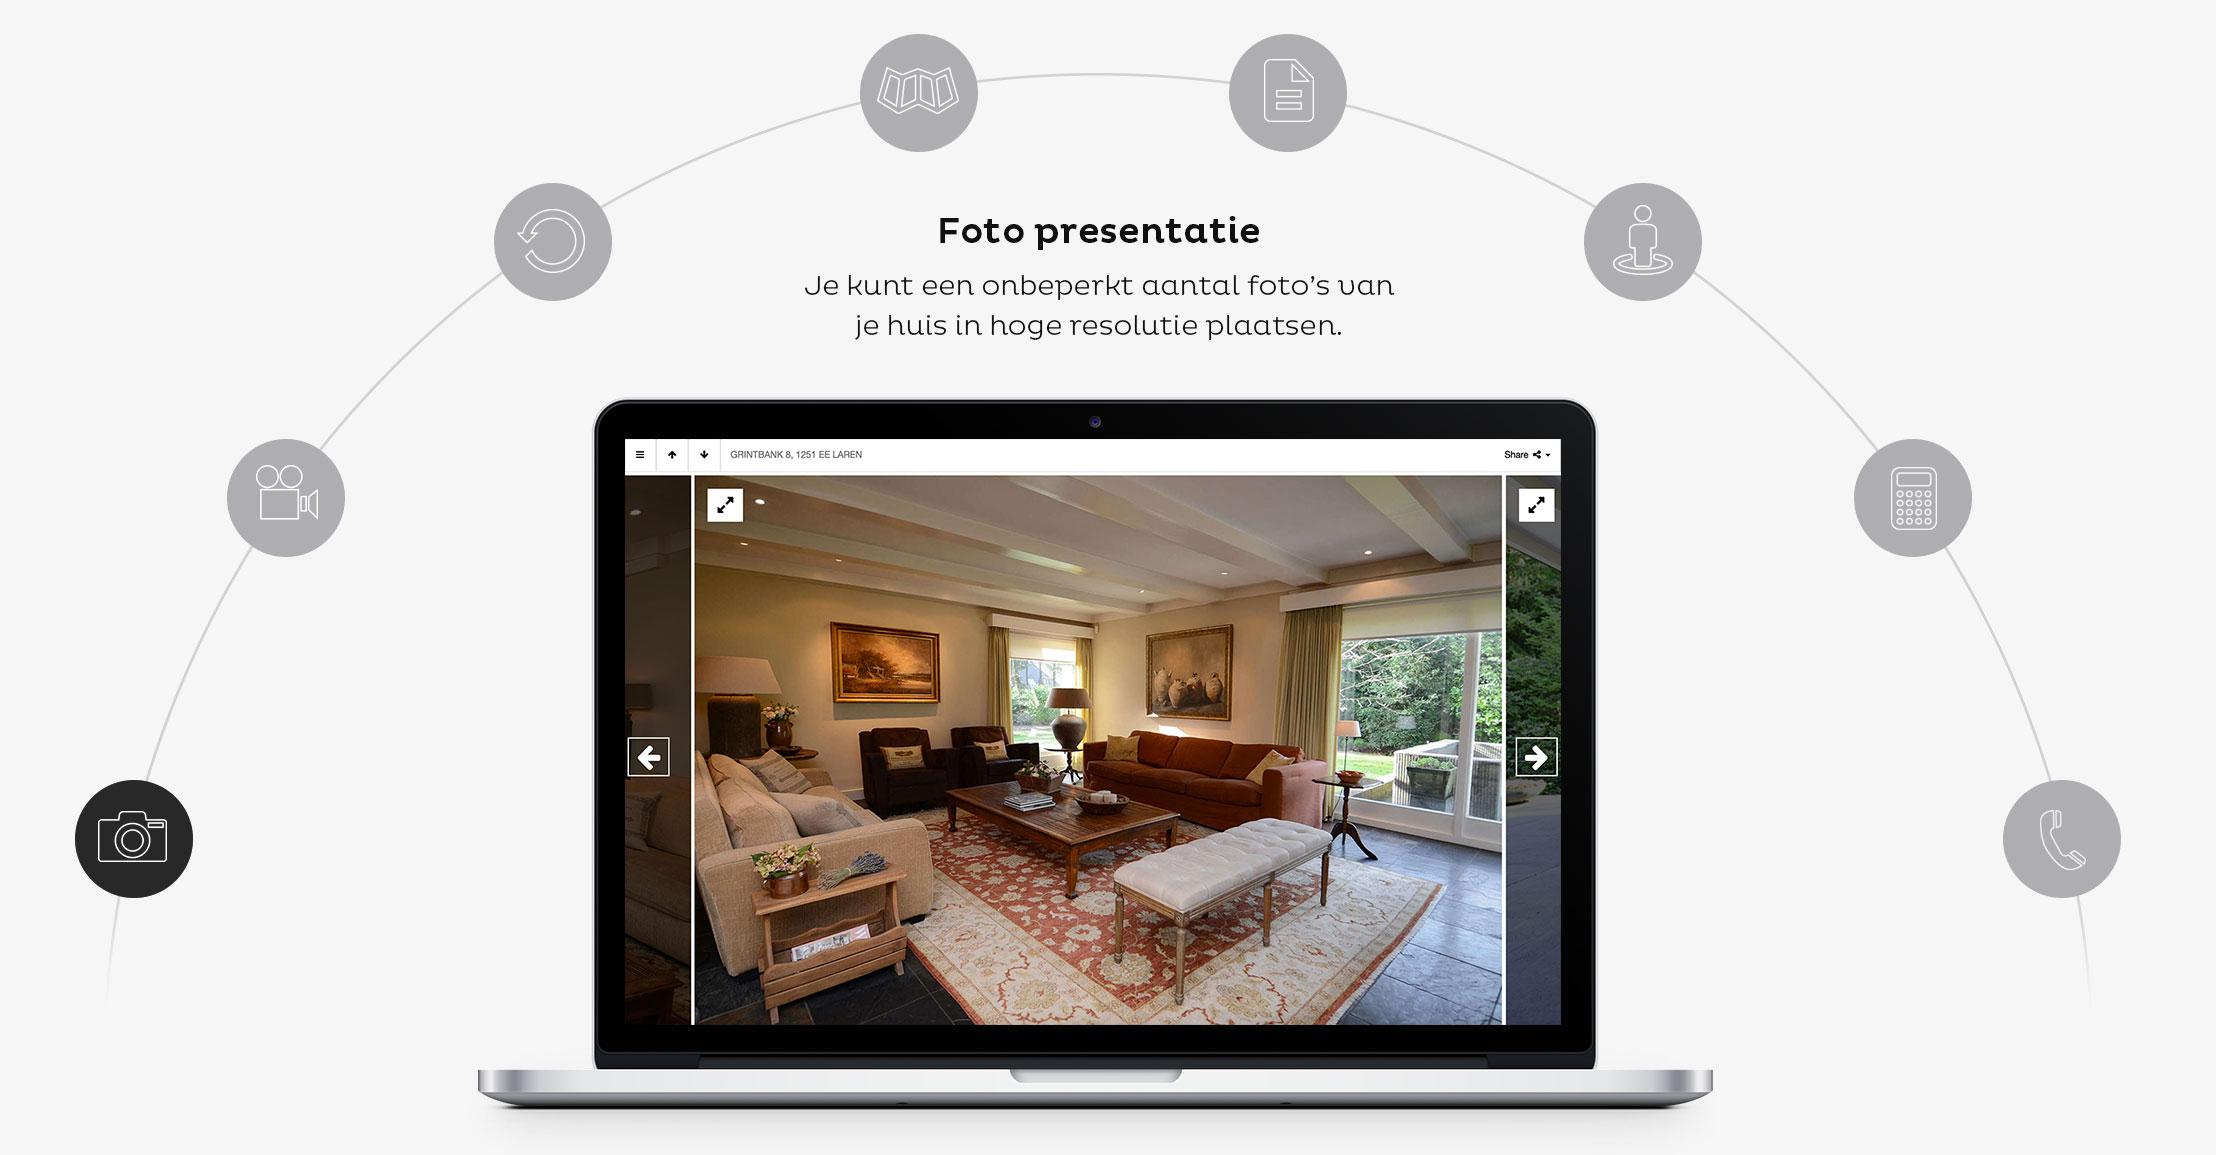 Promoot jouw woning met een unieke website en verkoop sneller for Huis verkoop site